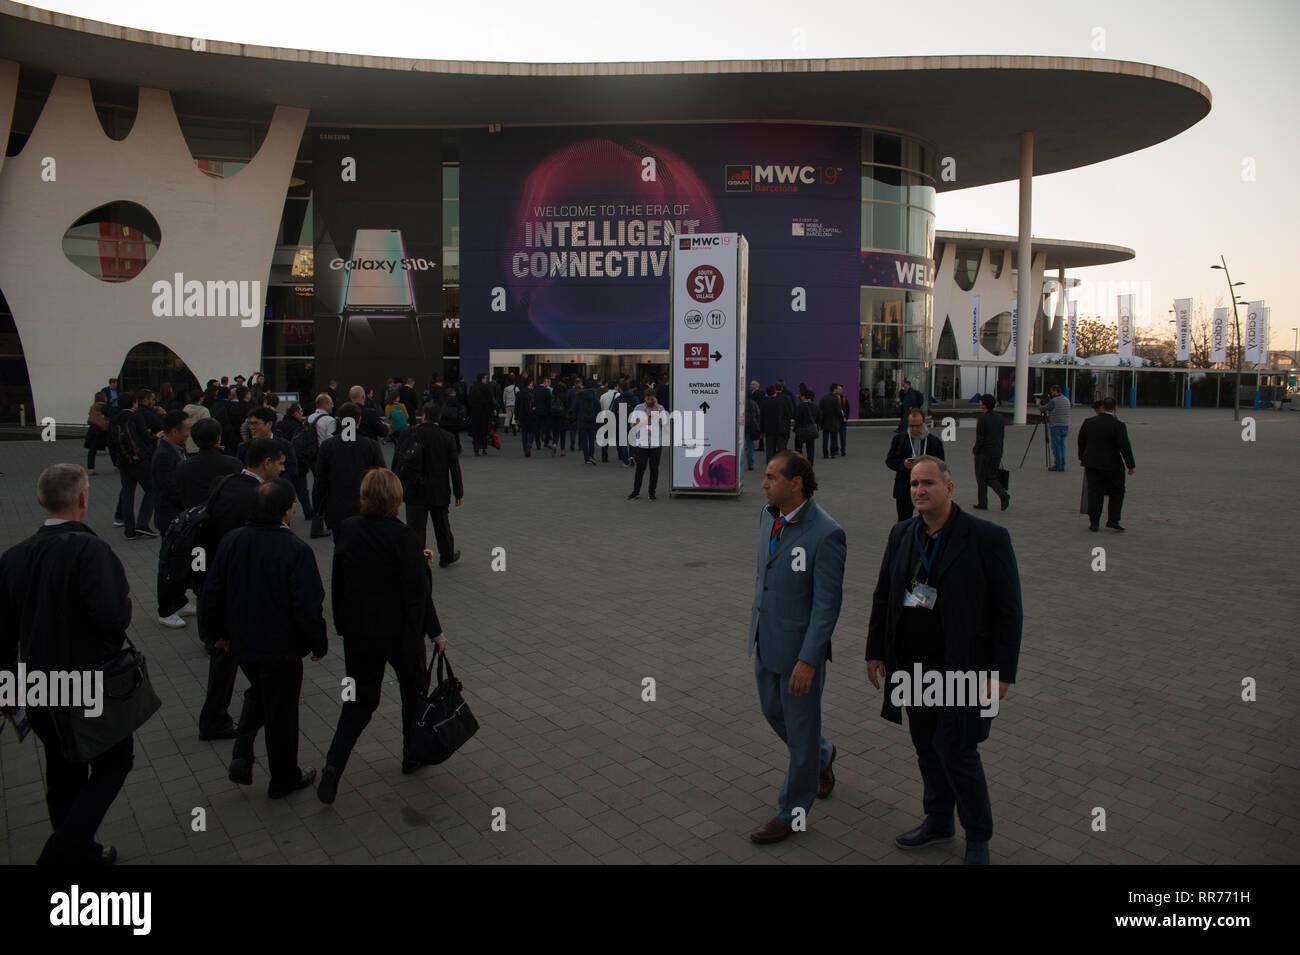 Barcelone, Espagne, le Lundi, Février 25, 2019. Le Mobile World Congress démarre avec le devrait dépasser 107 000 participants de plus de 200 pays, c'était le chiffre atteint dans sa dernière édition. La téléphonie mobile se déroulera autour de la connectivité intelligente et l'adresse hyperconnectivity, 5G, l'internet des objets, l'intelligence artificielle (IA) et big data. Crédit: Charlie Perez /Alamy Live News Banque D'Images